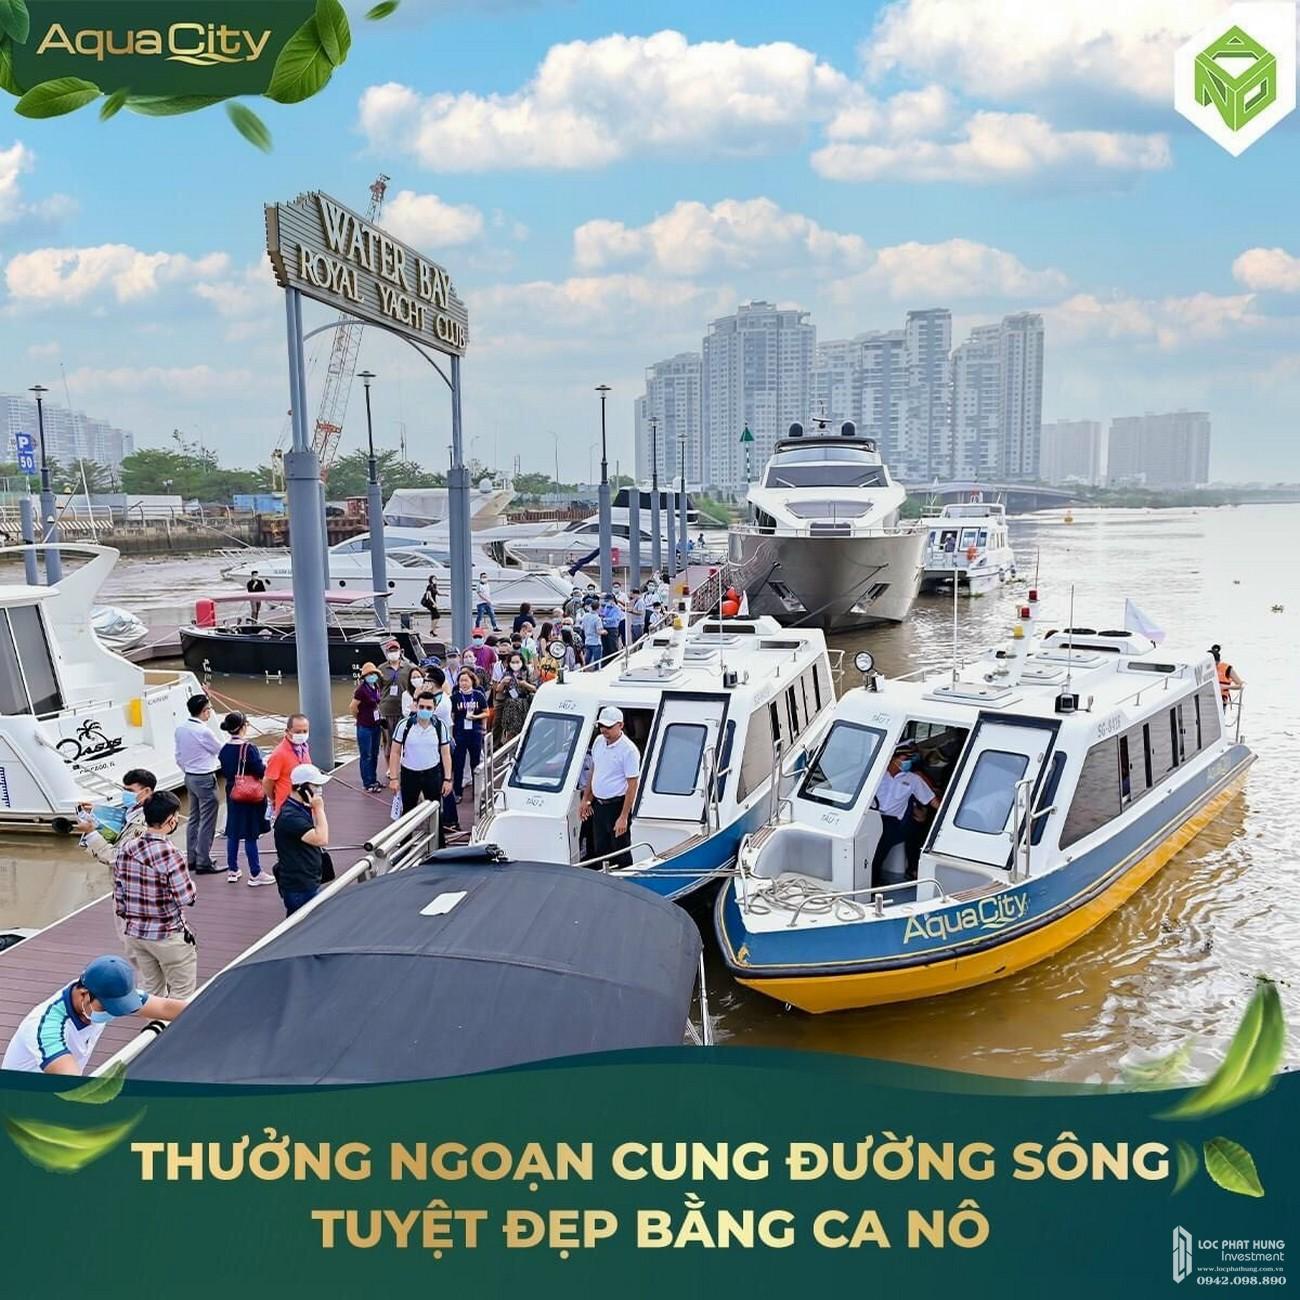 Tận Hưởng Con Đường Sông Tuyệt Đẹp Đến Aqua City Từ Sài Gòn